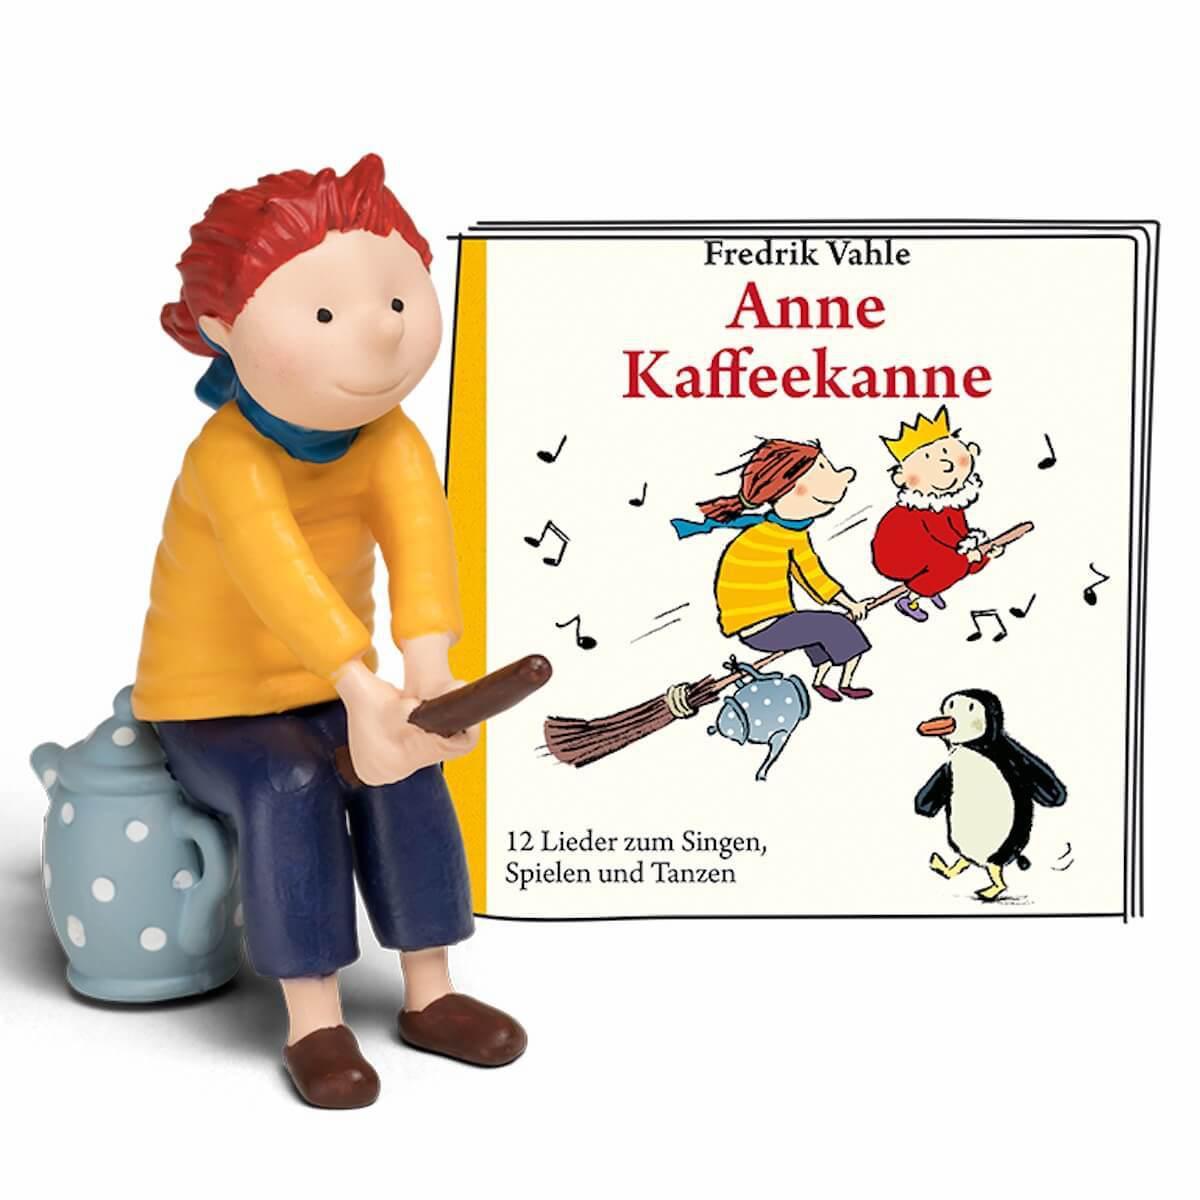 Hörspielfigur TONIES Anne Kaffeekanne 12 Lieder